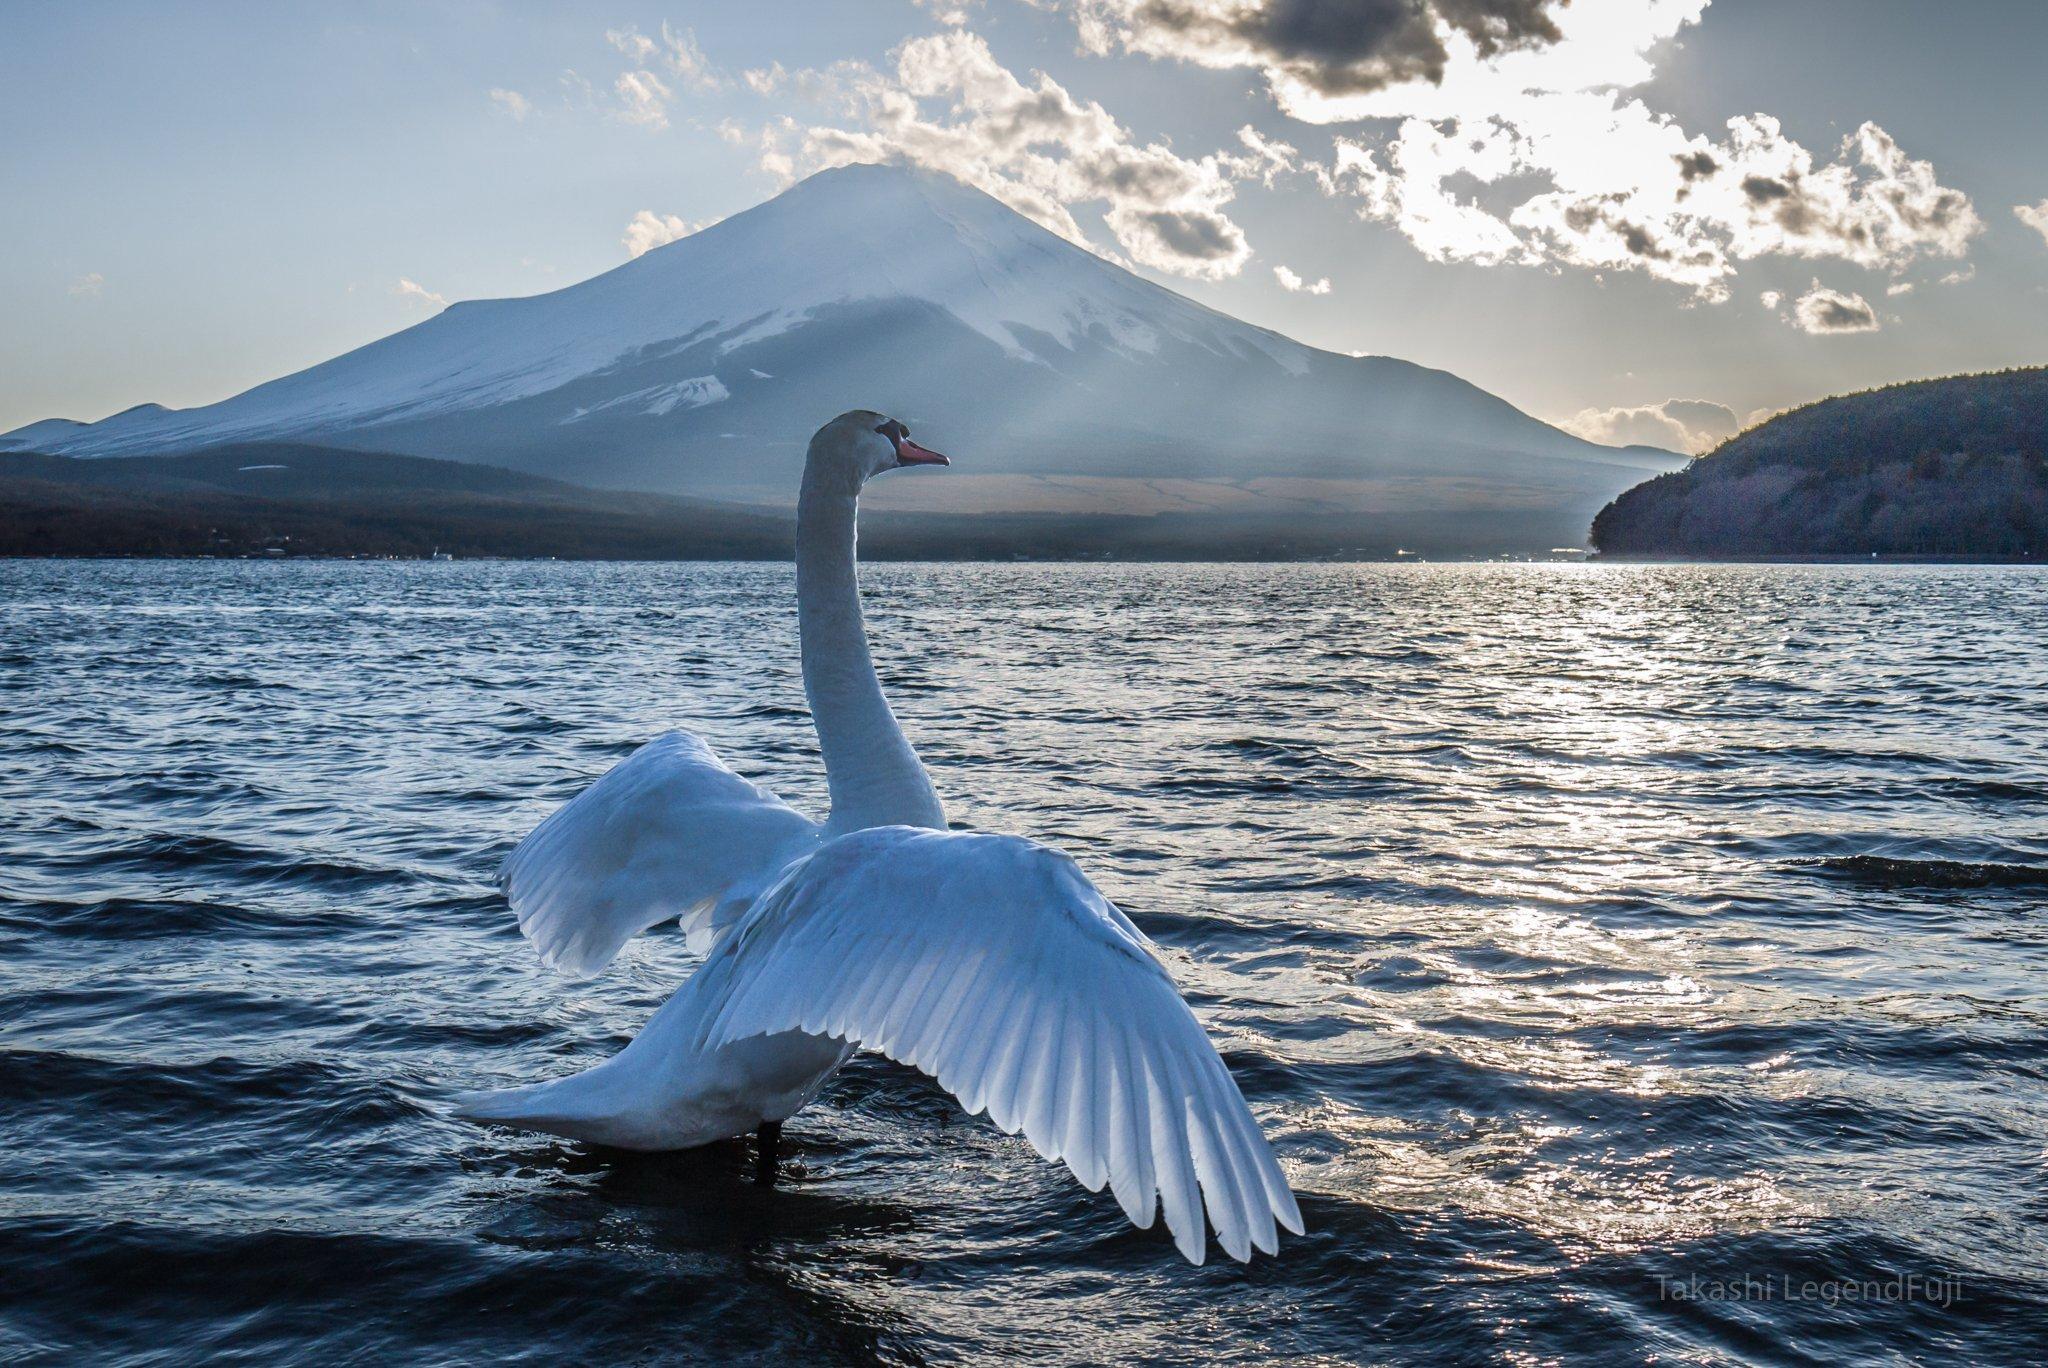 fuji,mountain,Japan,lake,water,swan,, Takashi